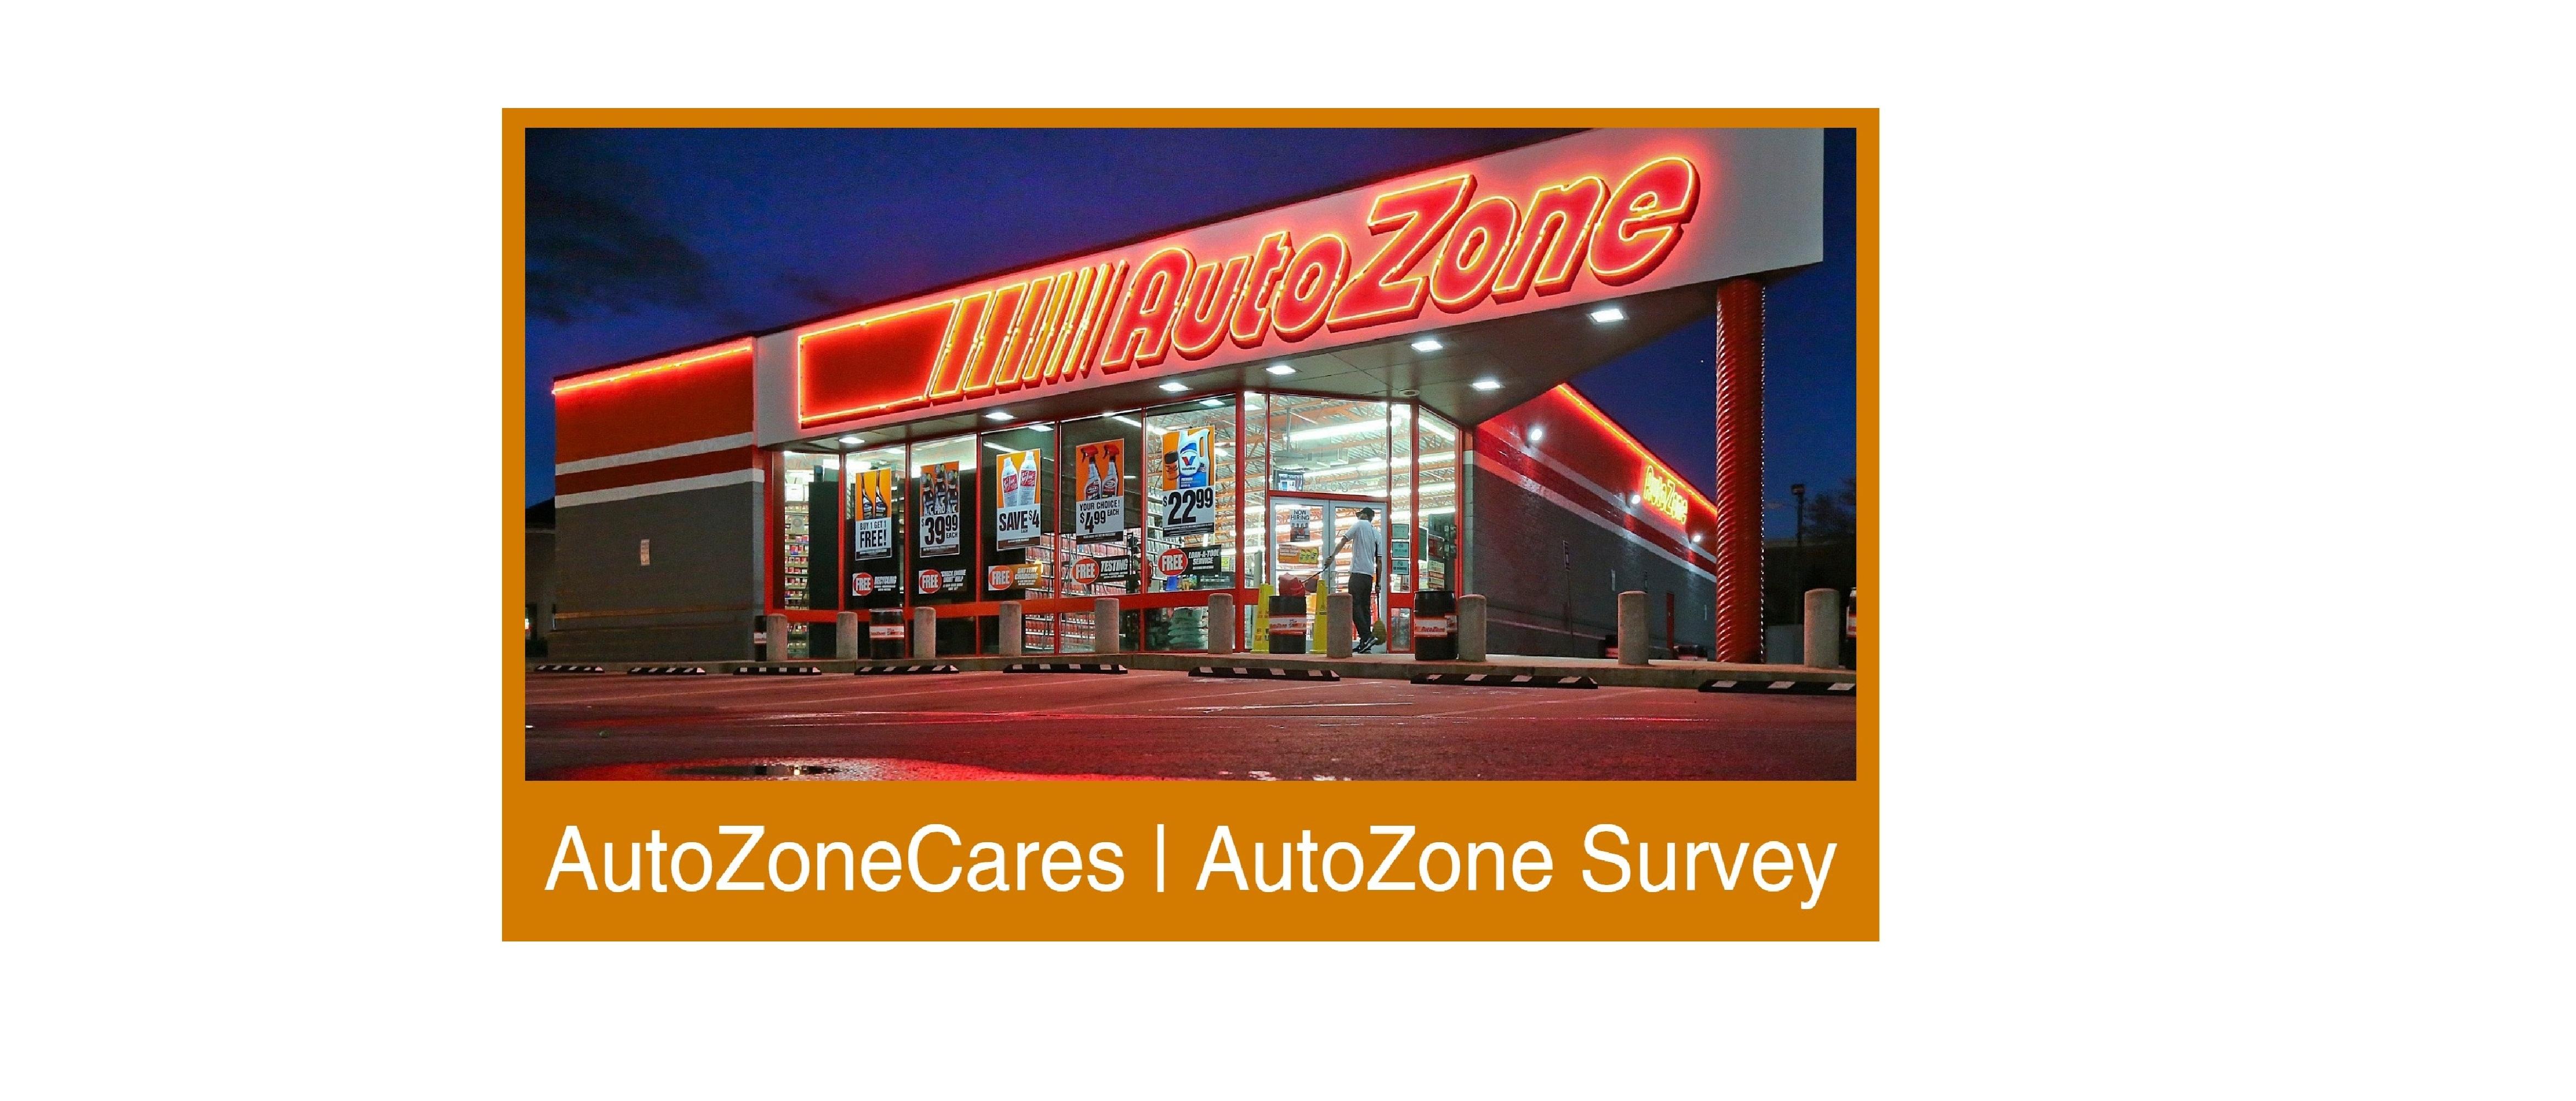 AUTOZONE SURVEY | $5,000 Cash Prize @ www.autozonecares.com